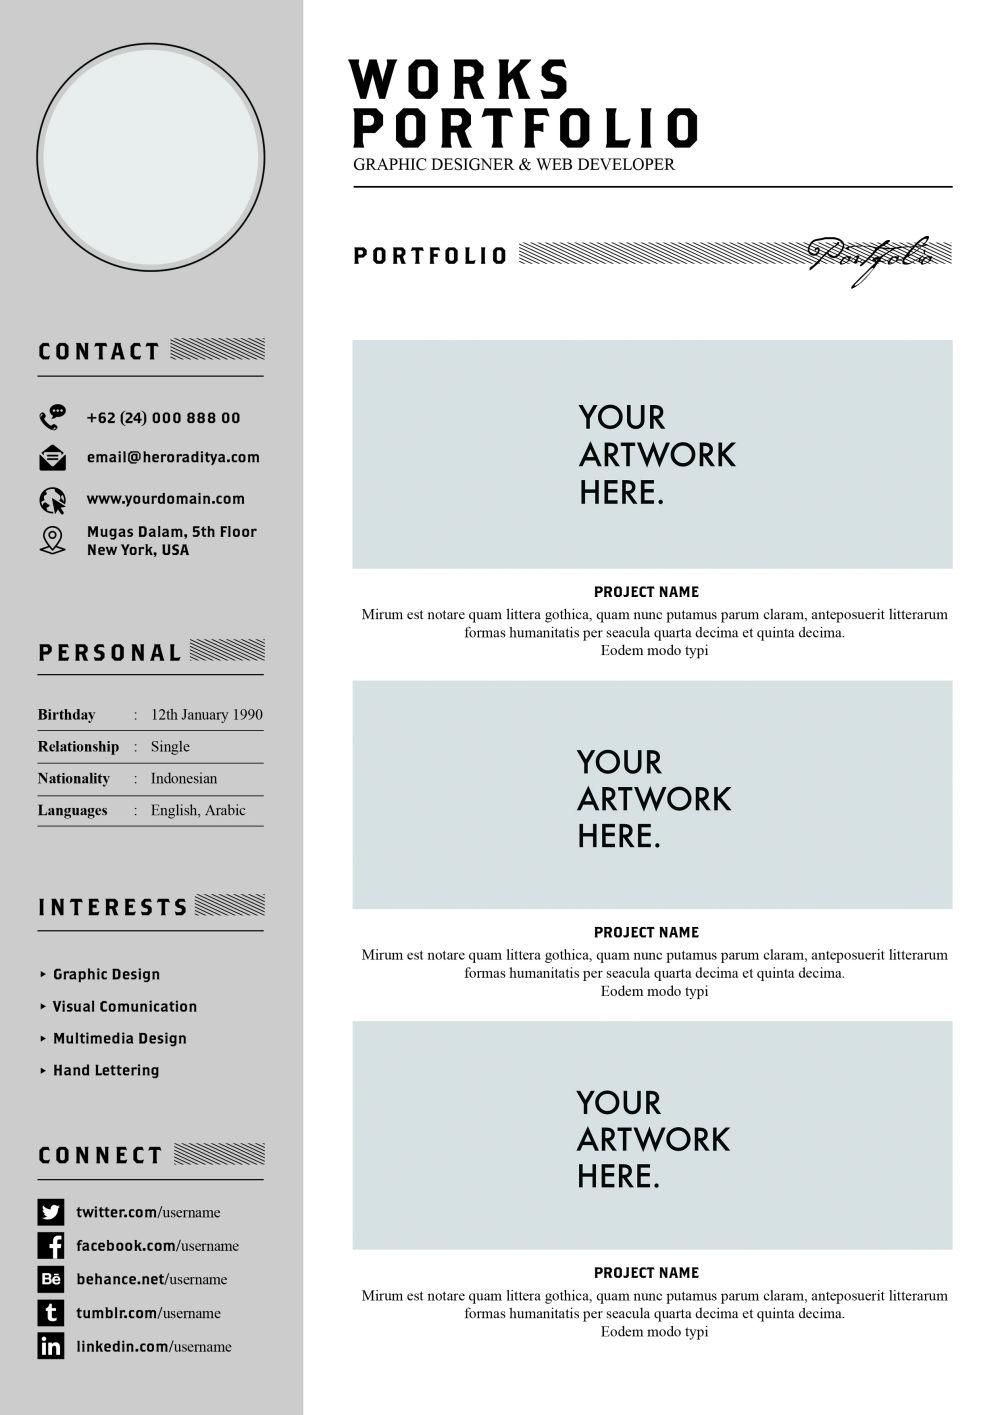 平面网站设计师个人简历psd模板